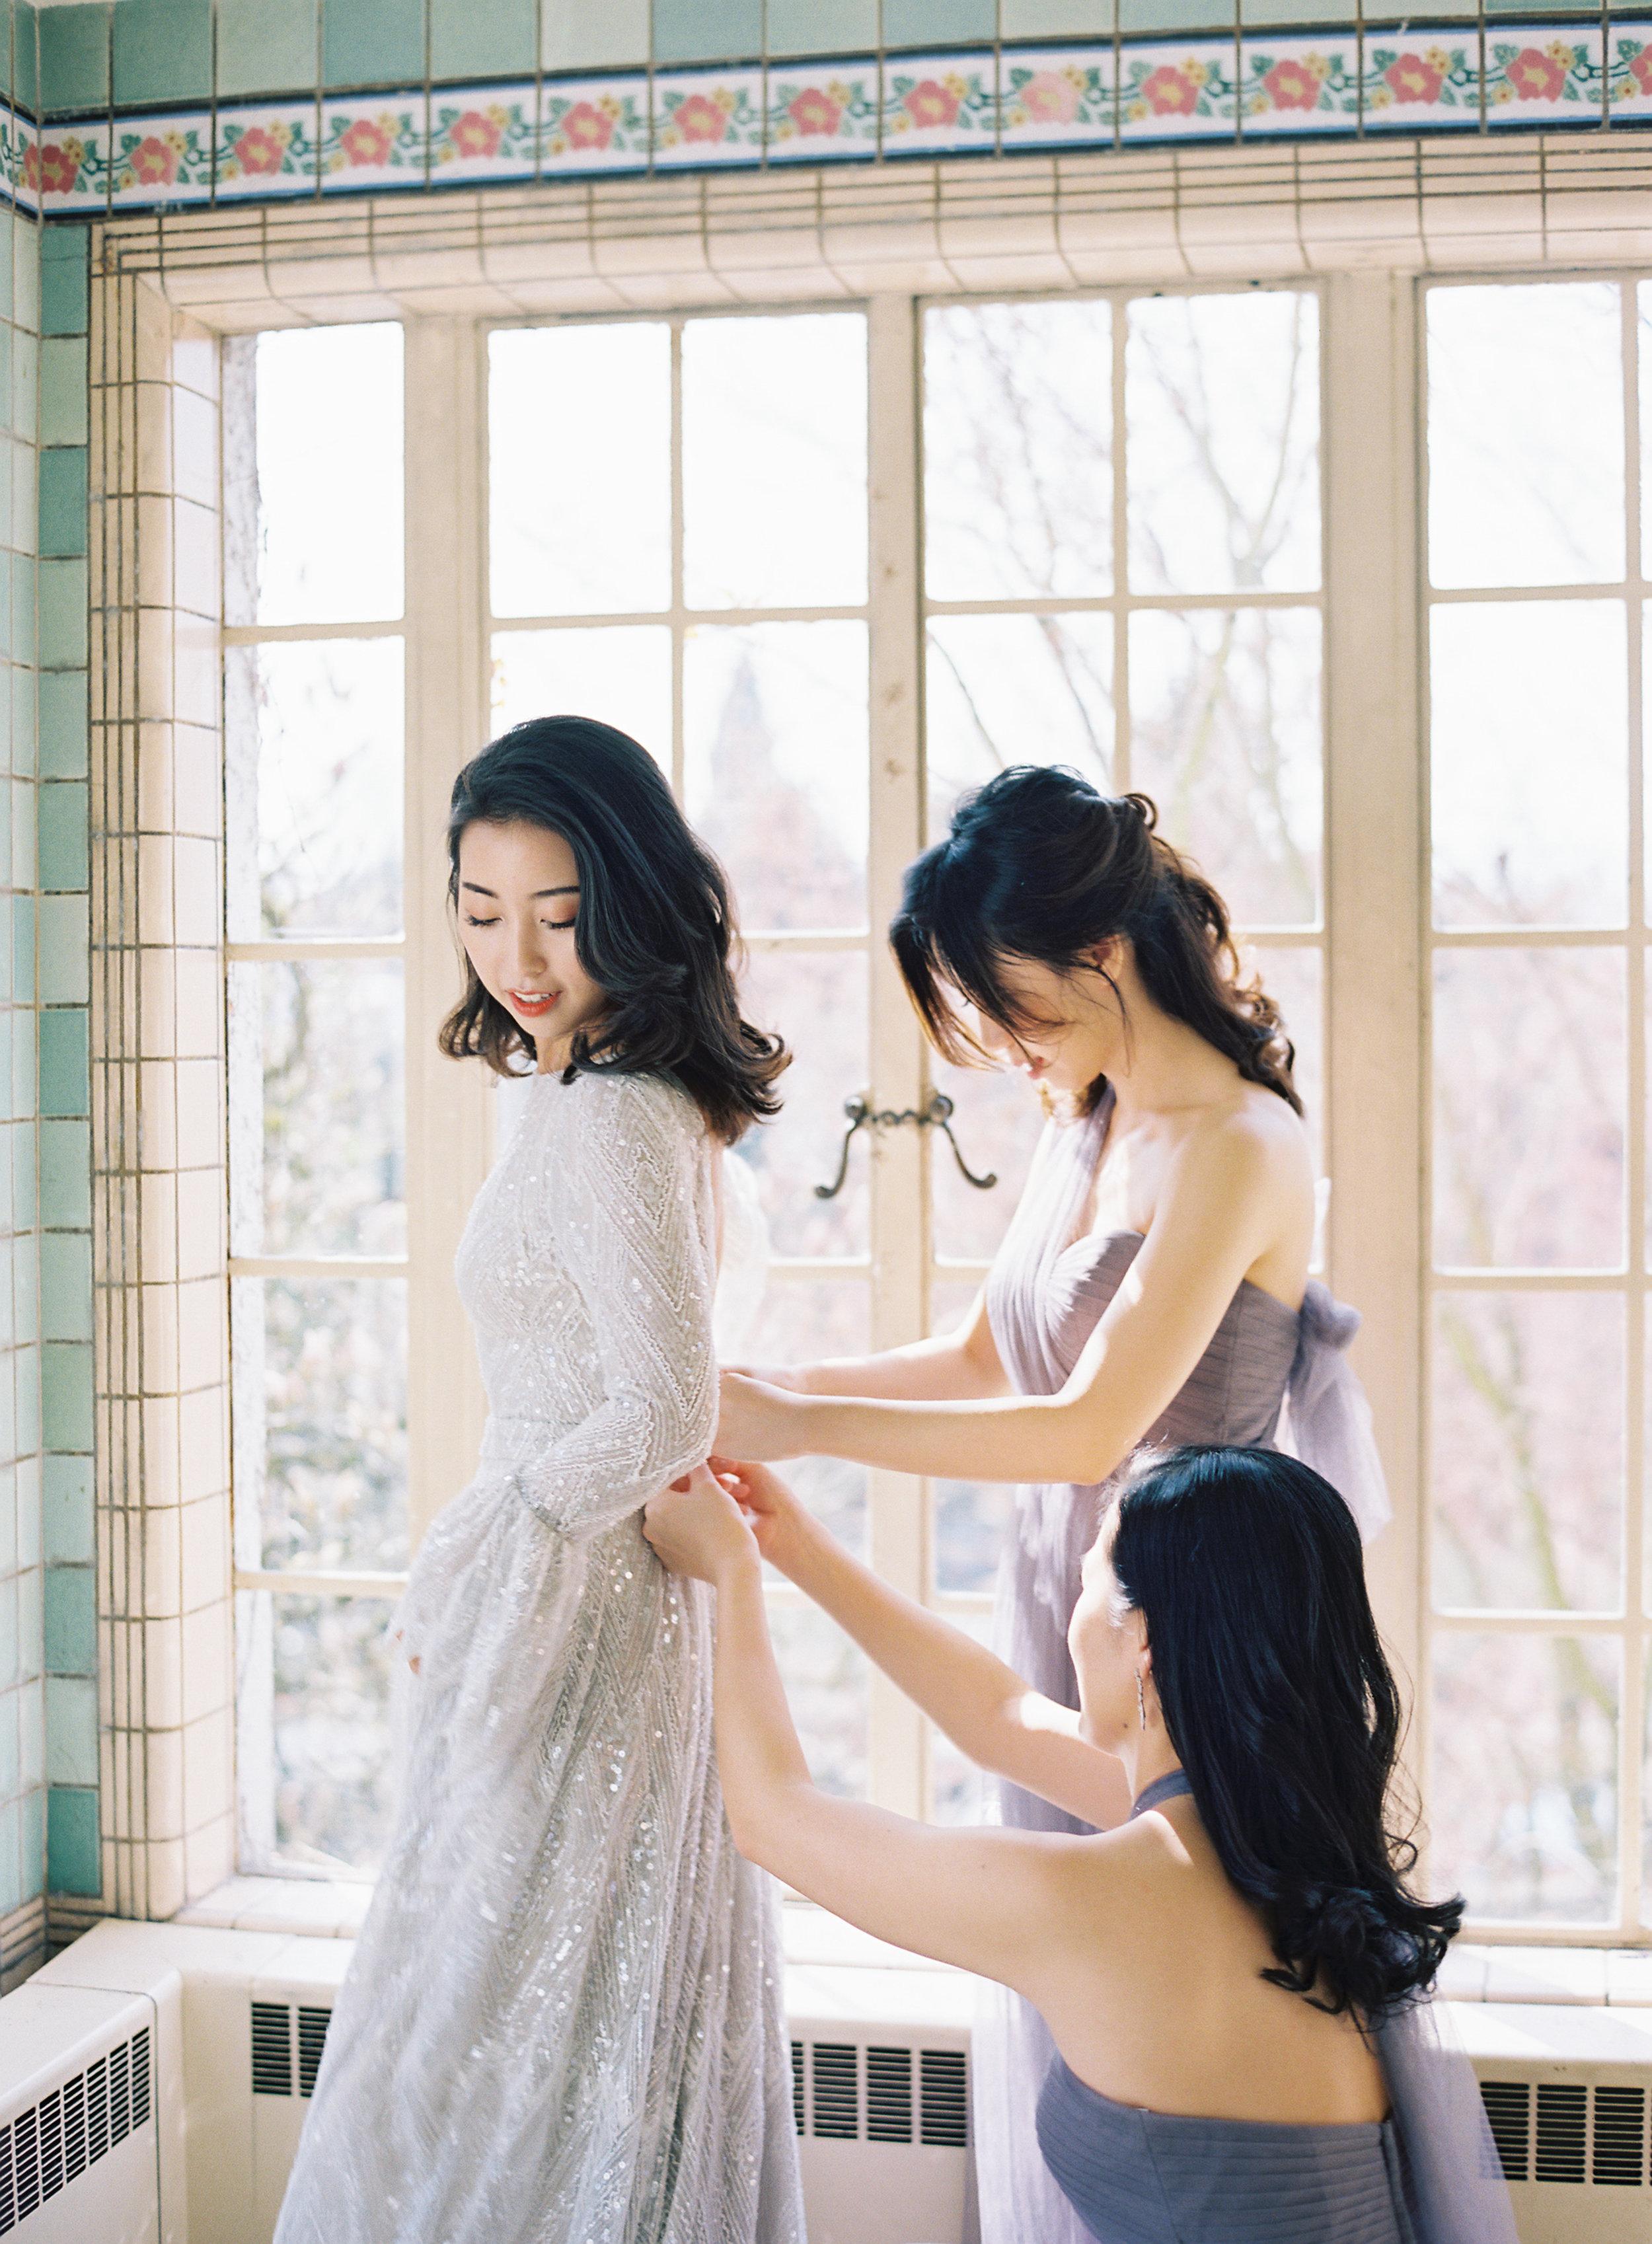 JB-Editorial-107-Jen_Huang-032540-R1-015.jpg